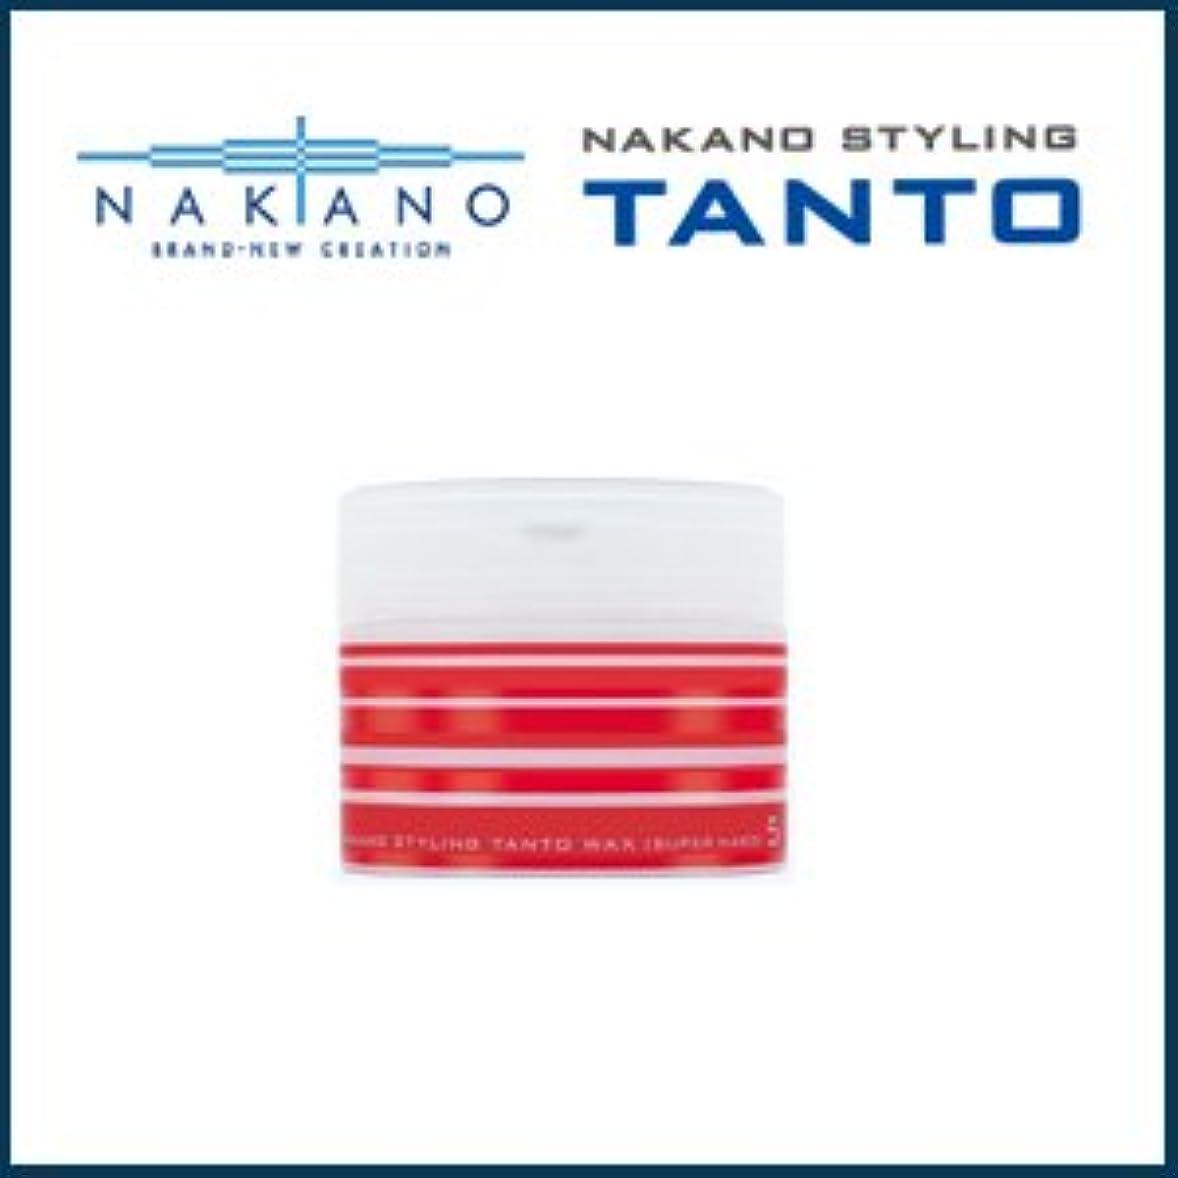 継続中ボーカル格差【X5個セット】 ナカノ タント Nワックス 5 スーパーハード 90g 容器入り